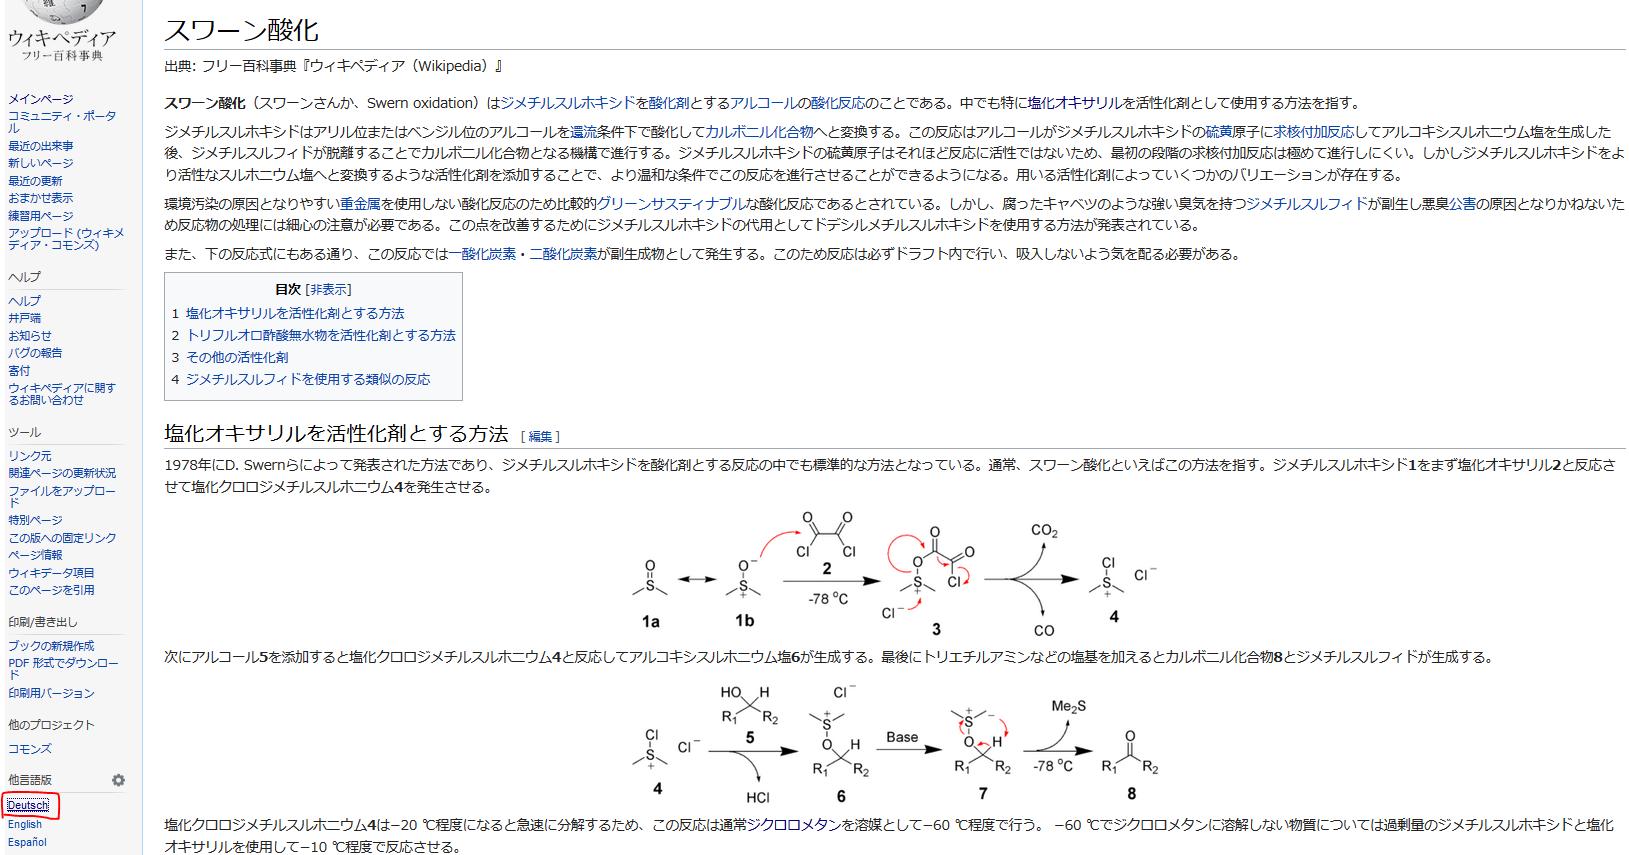 wikipediaで反応機構を検索